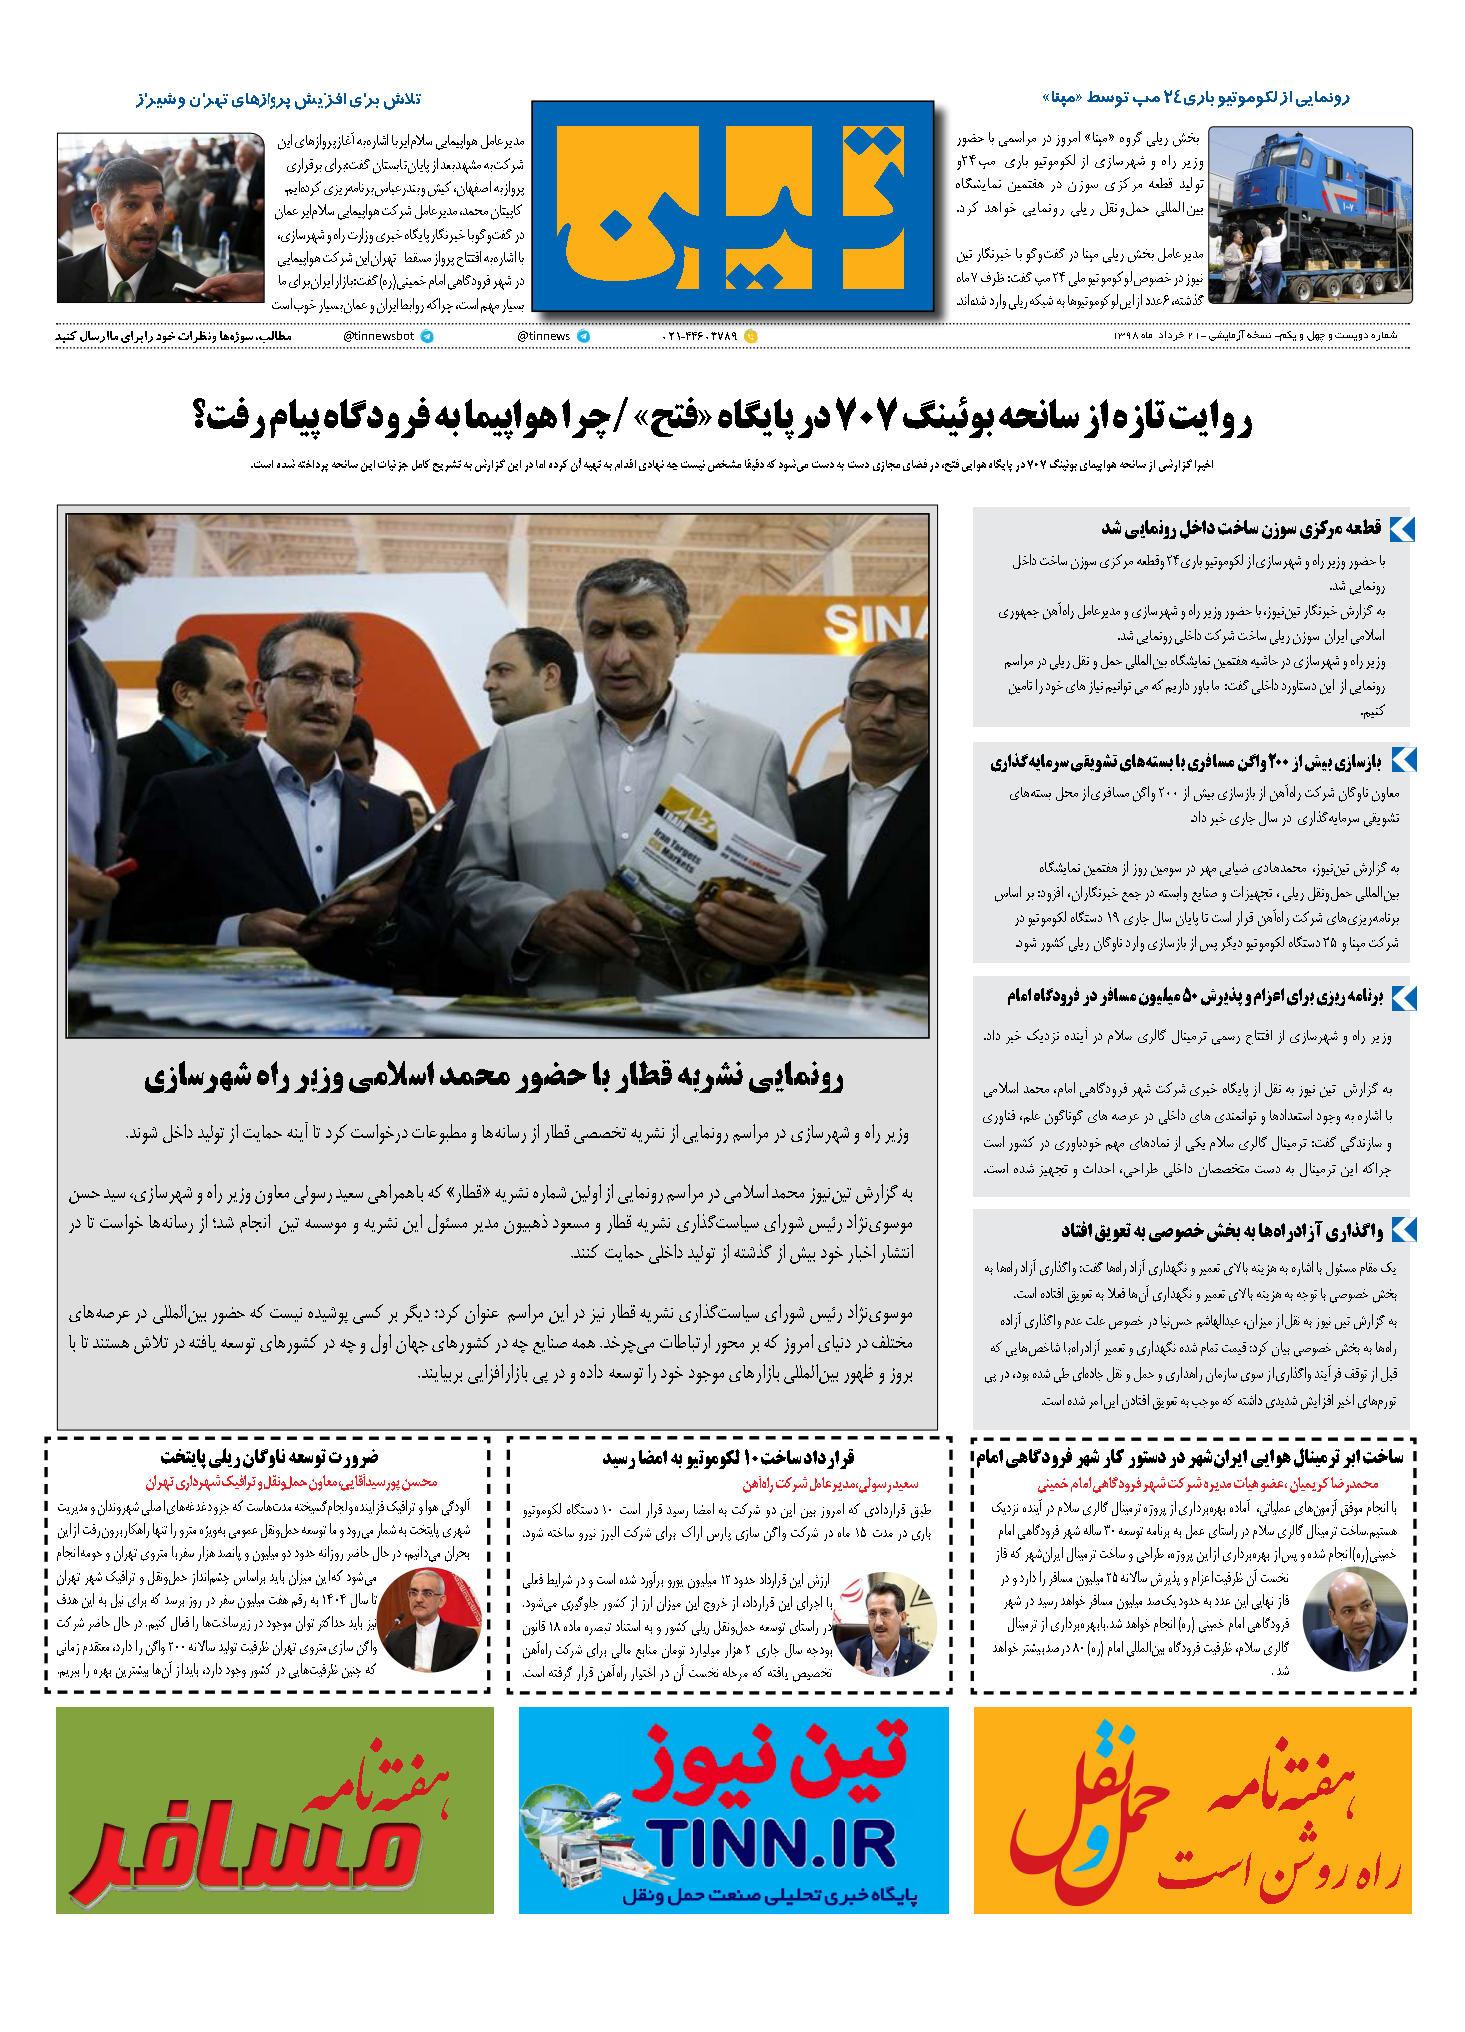 روزنامه الکترونیک 21 خرداد ماه 98